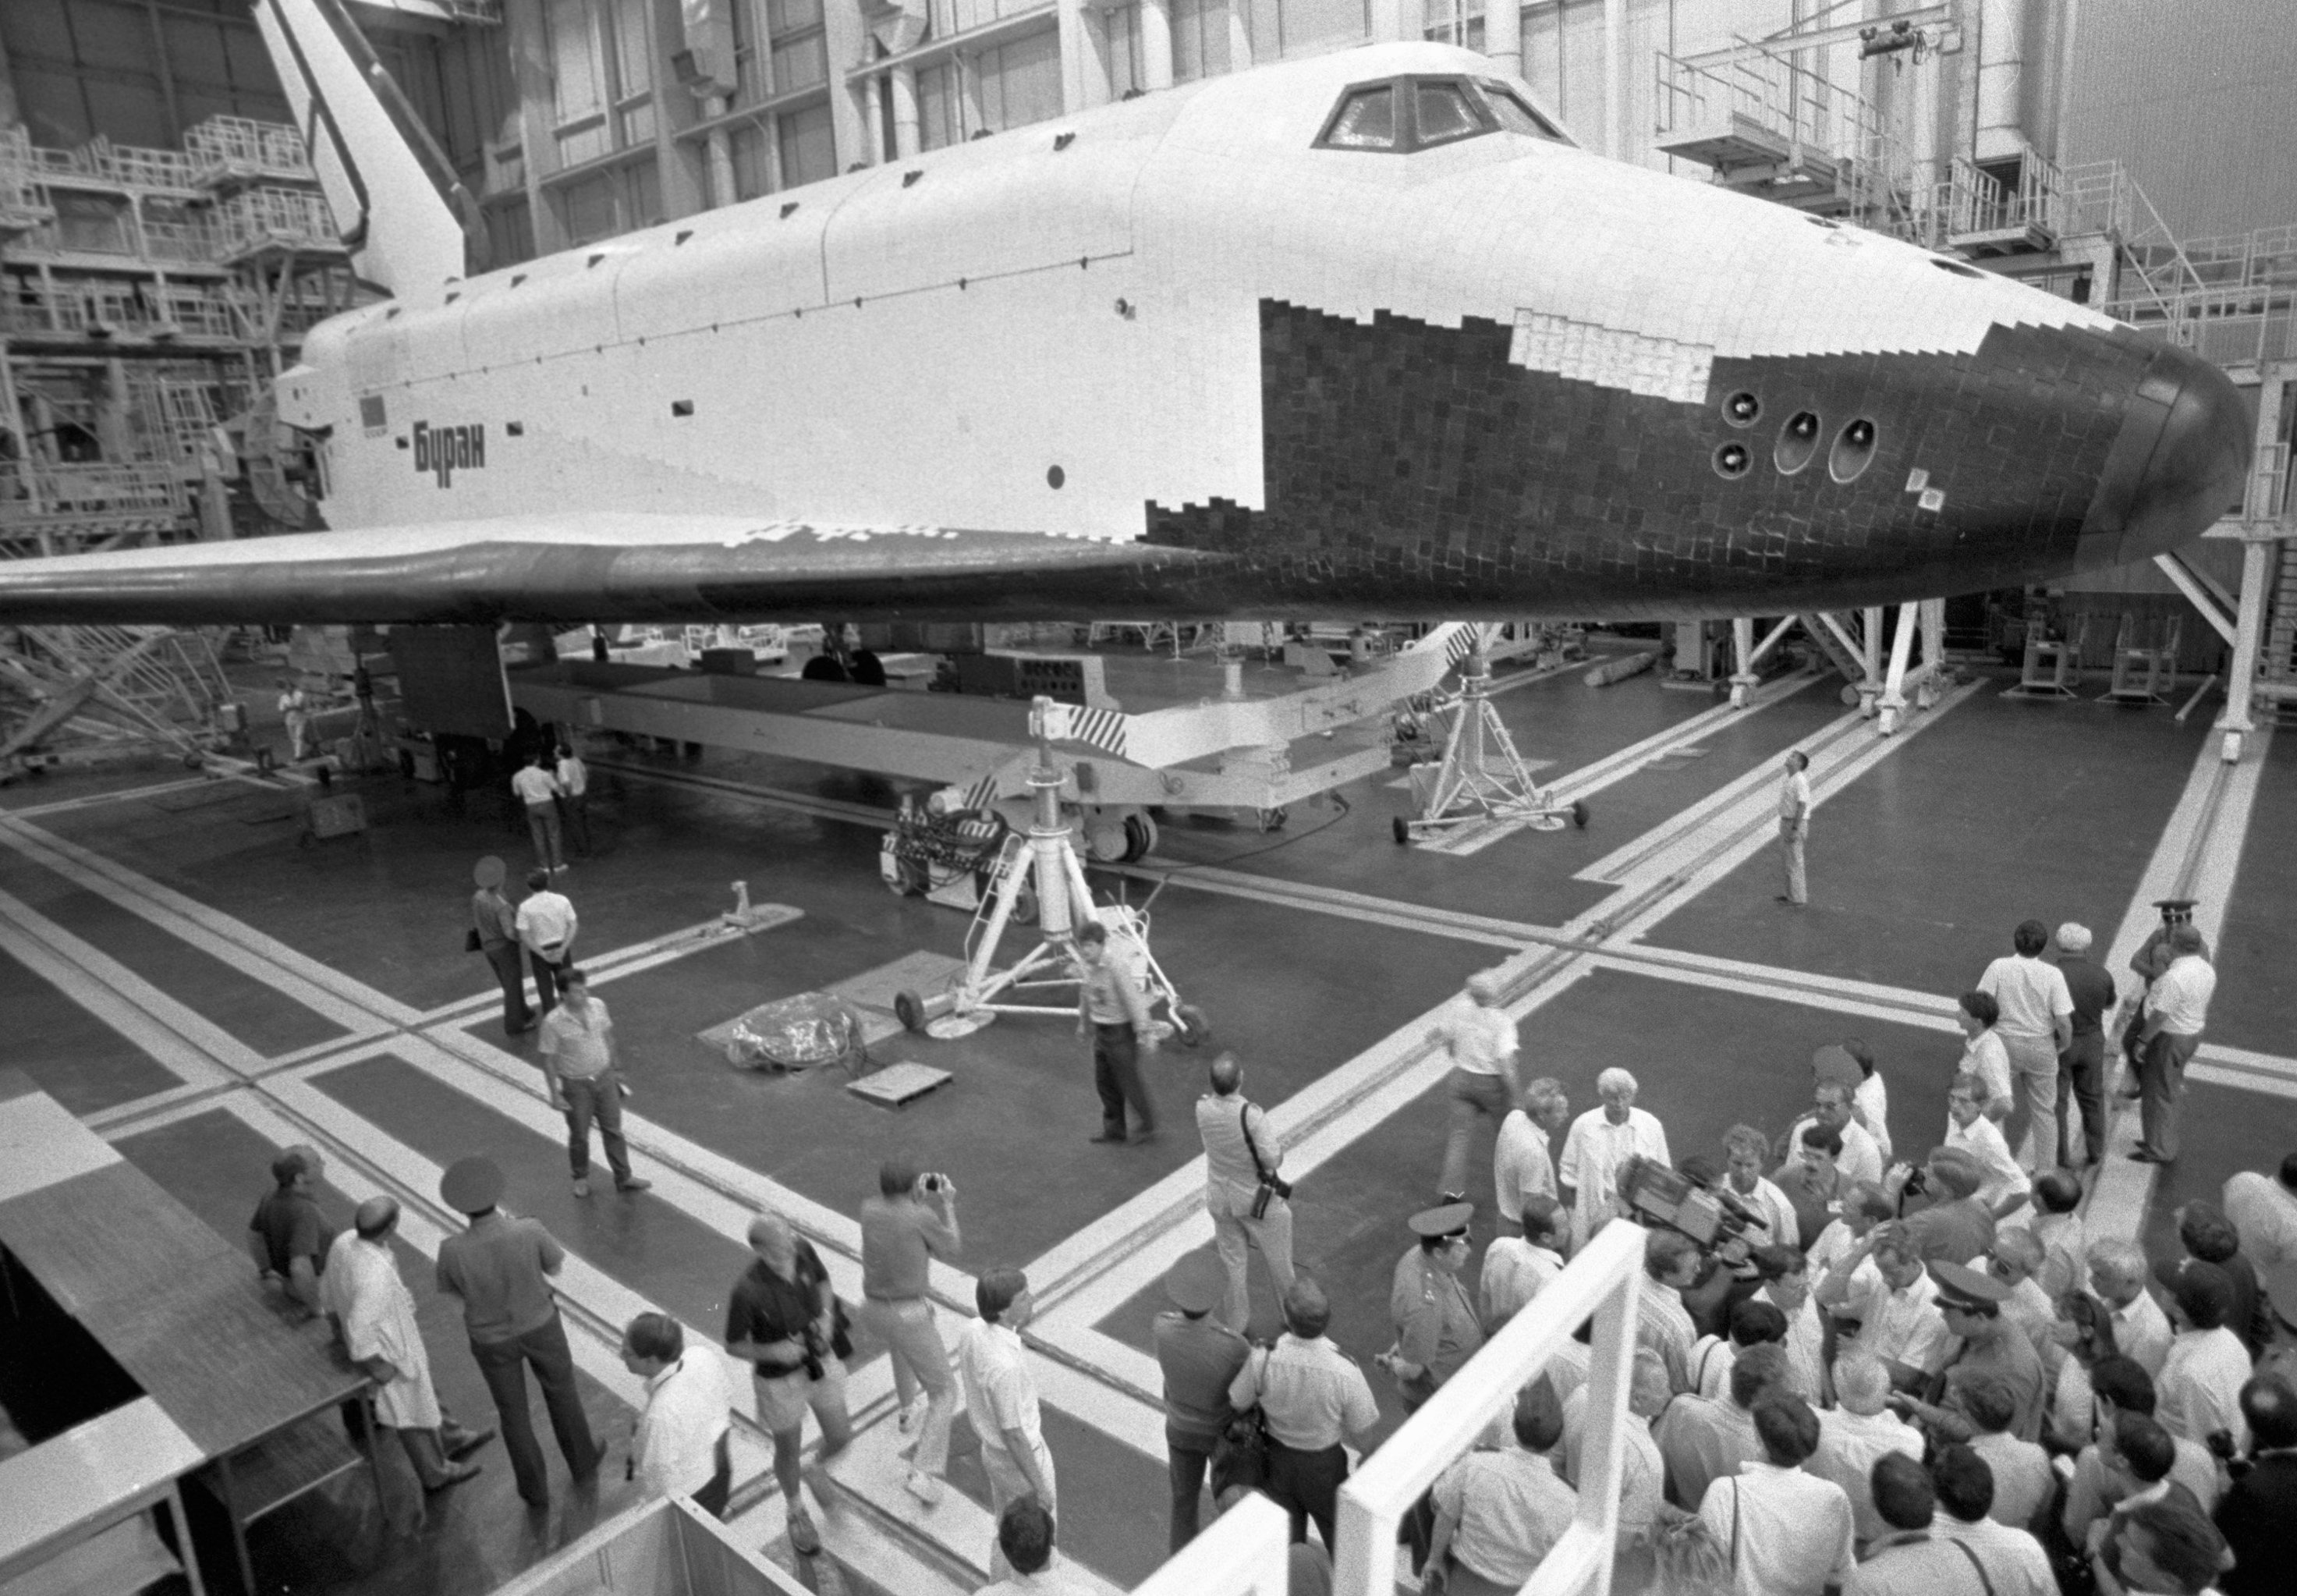 Советский космический корабль многоразового использования Буран во время демонстрации американцам на космодроме Байконур, 1989 год